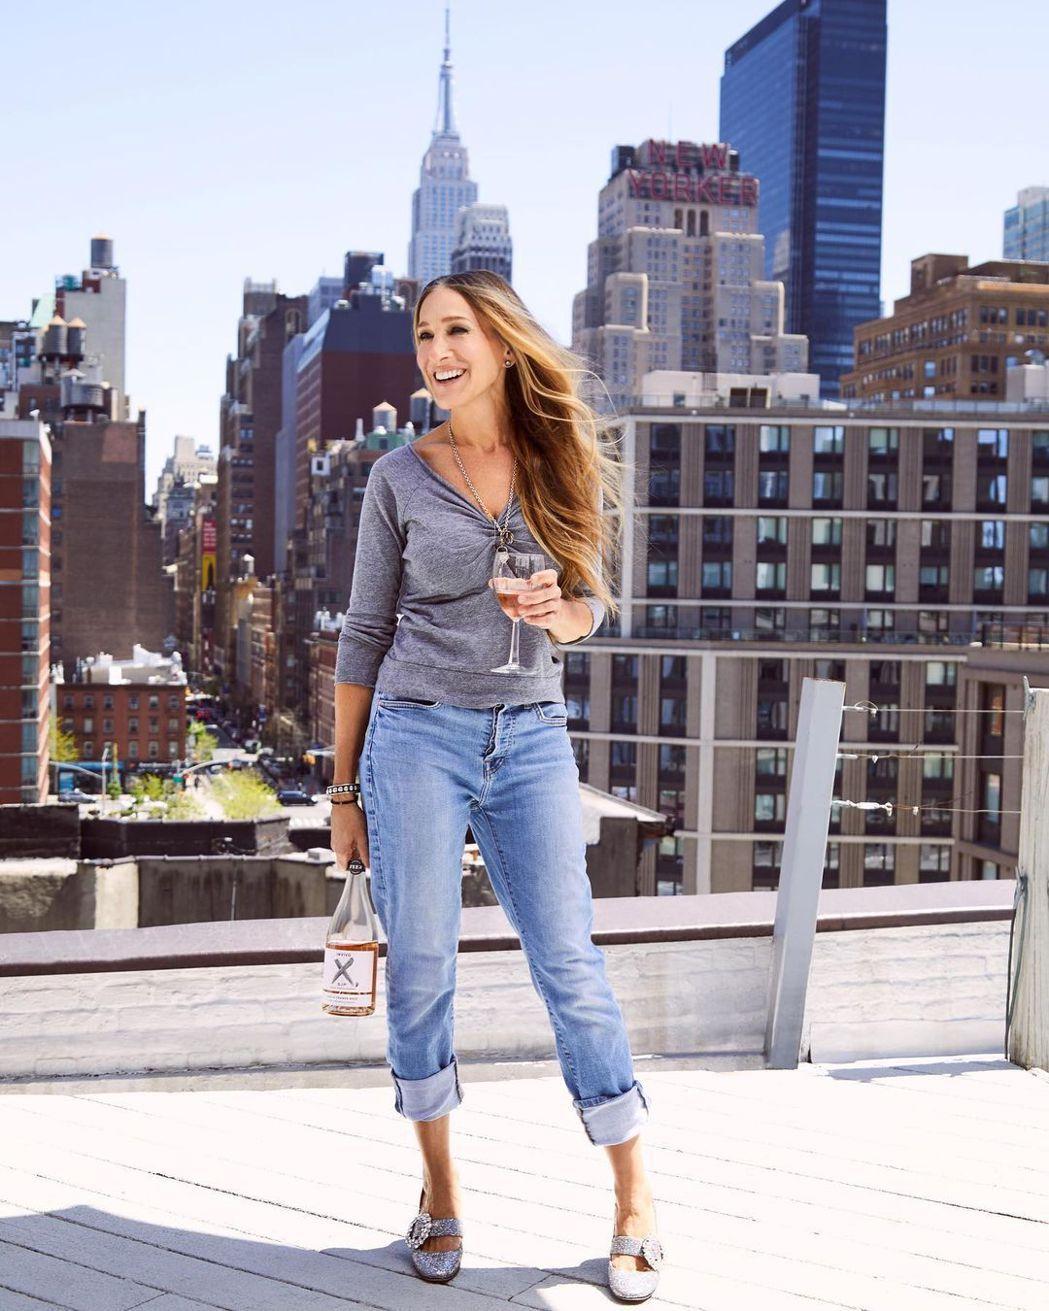 莎拉潔西卡派克近日都在紐約拍攝「慾望城市」的續篇影集。圖/摘自IG